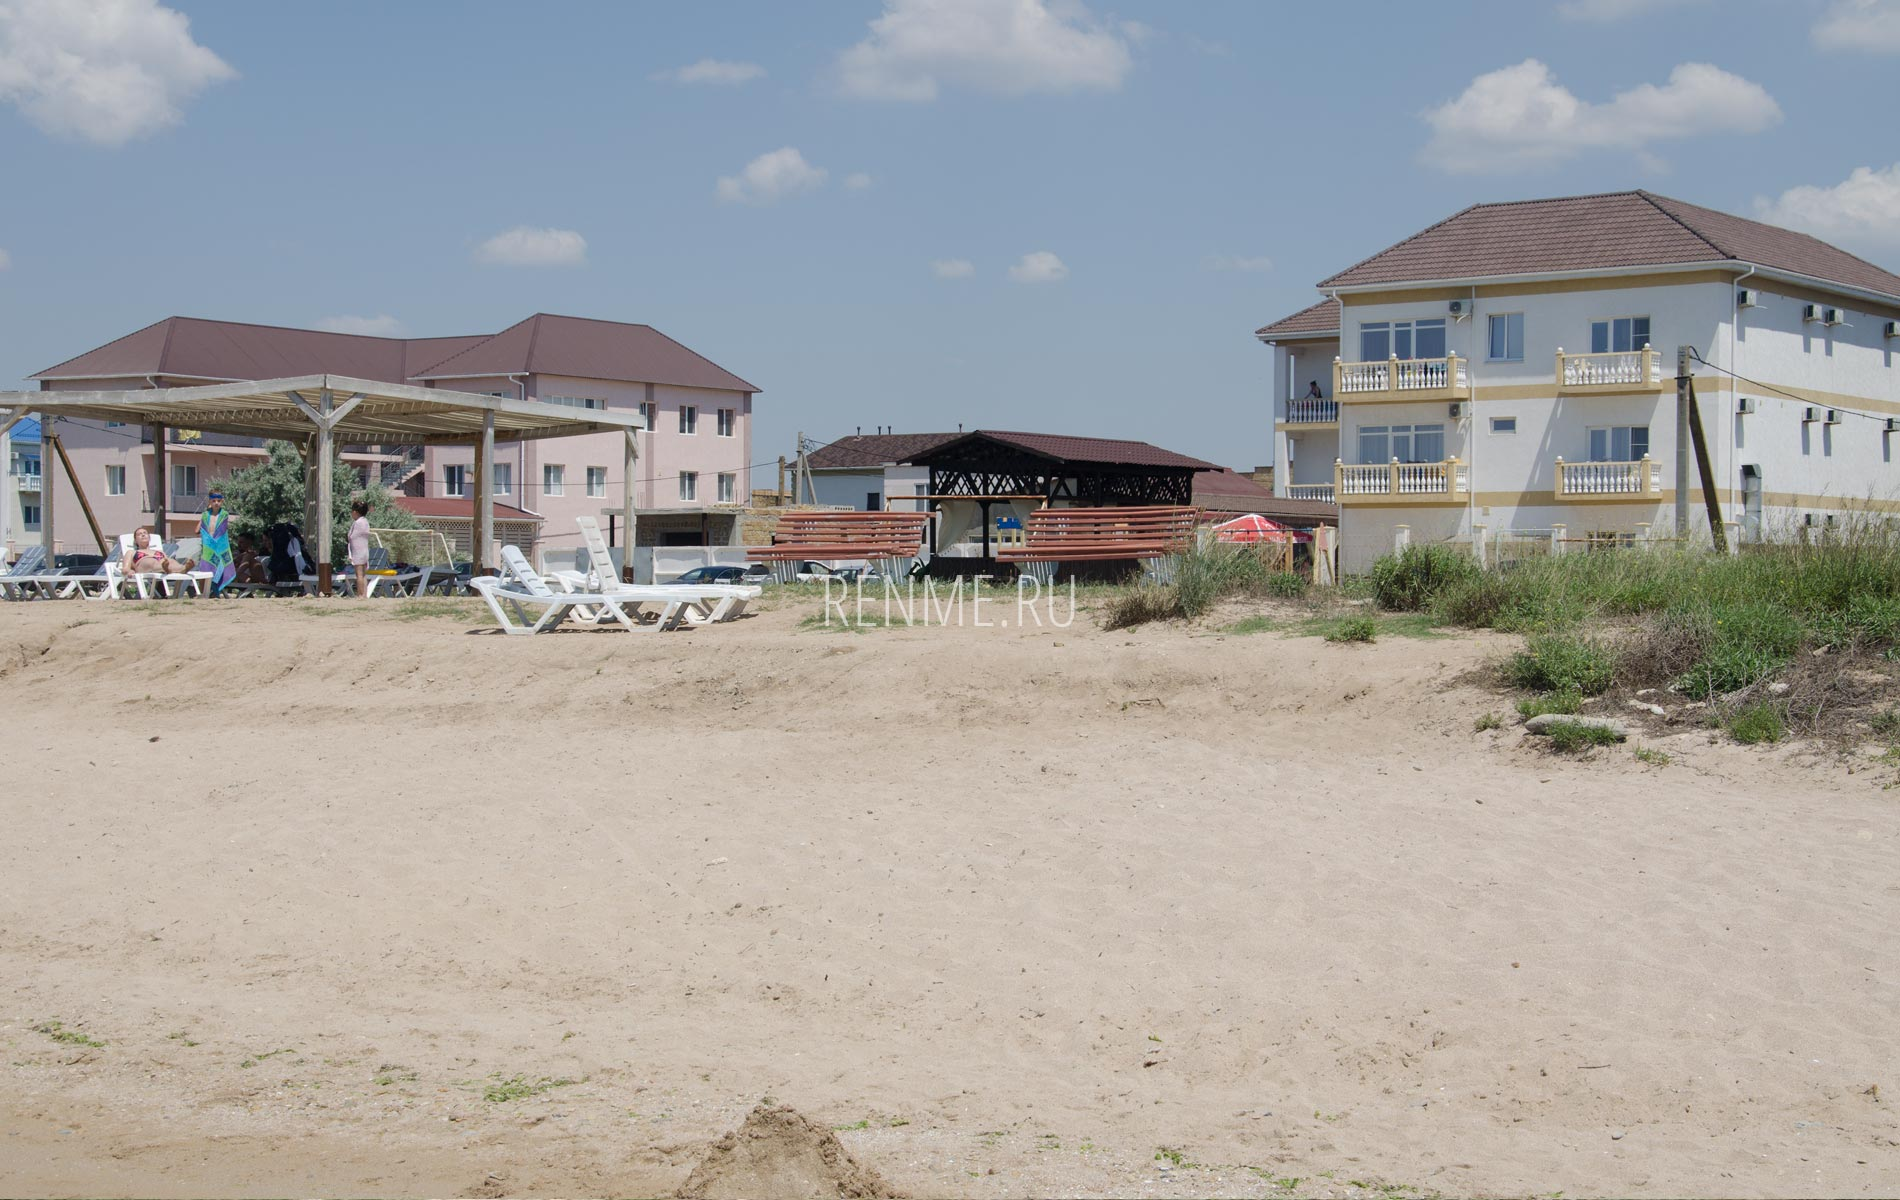 Отели у берега моря в Союз-2004. Фото Заозёрного